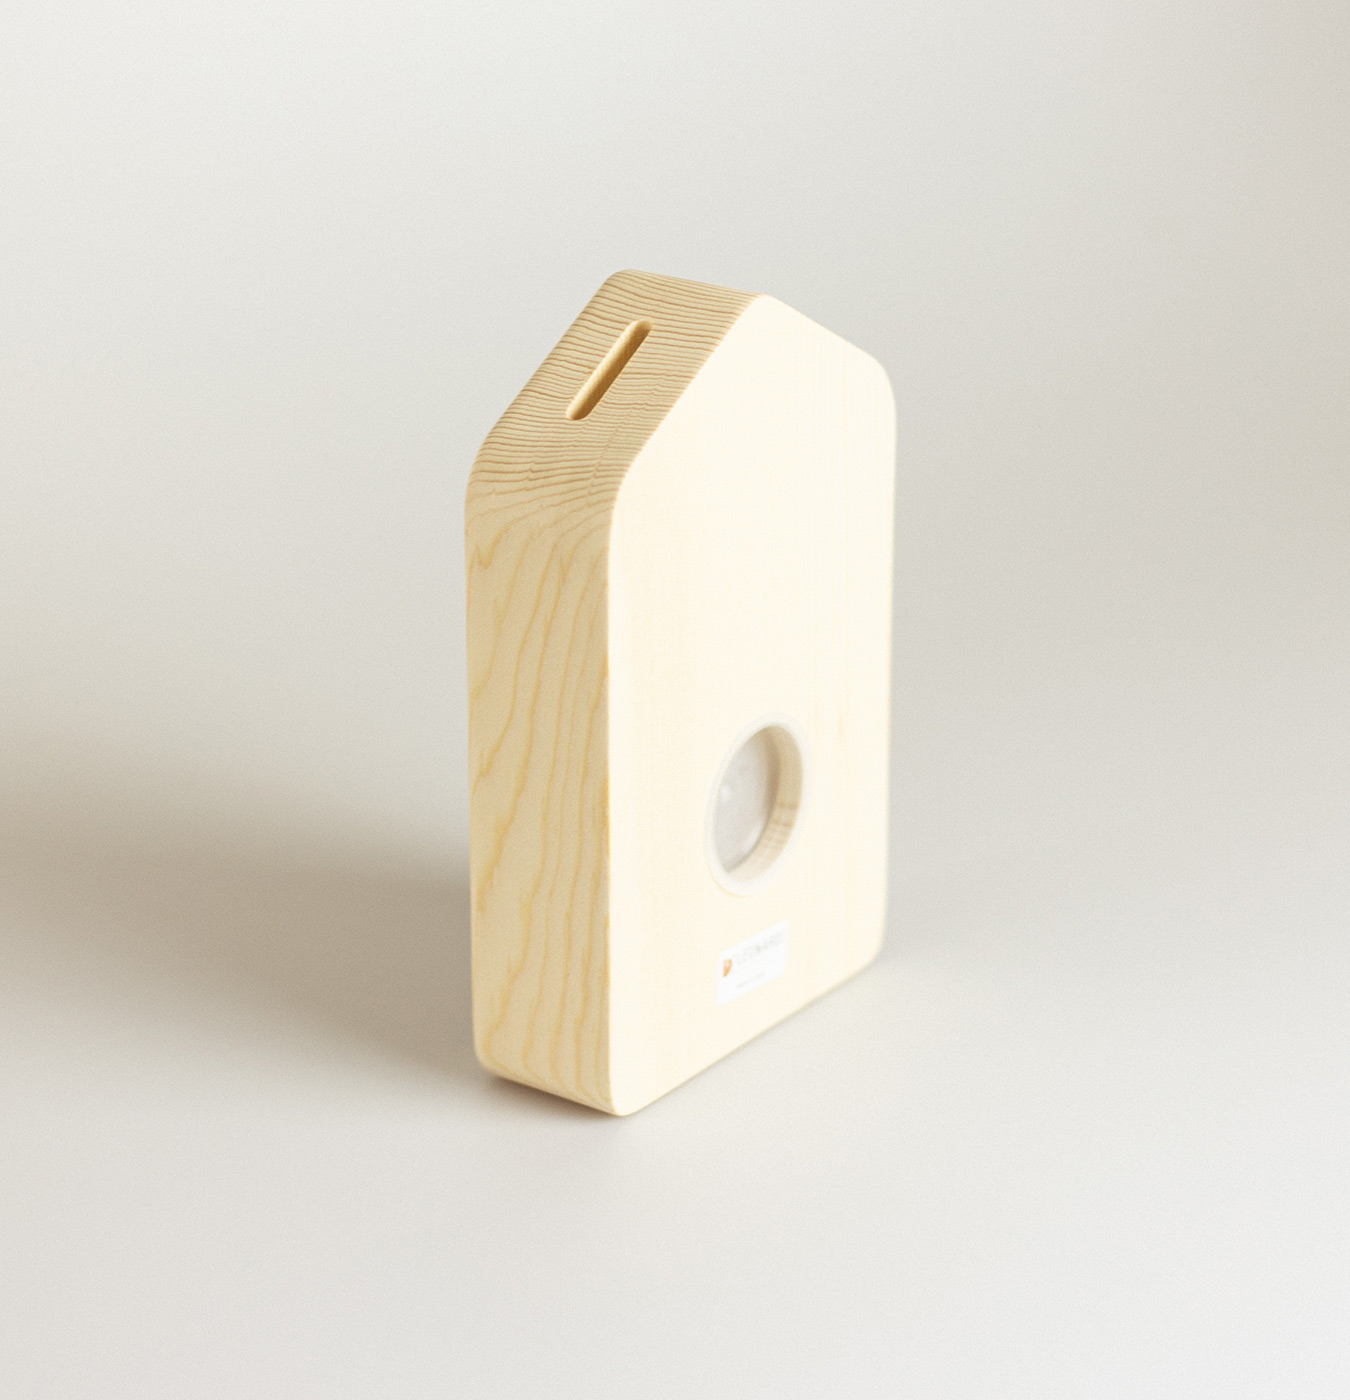 Salvadanio in legno di abete a forma di casetta con lavagna.